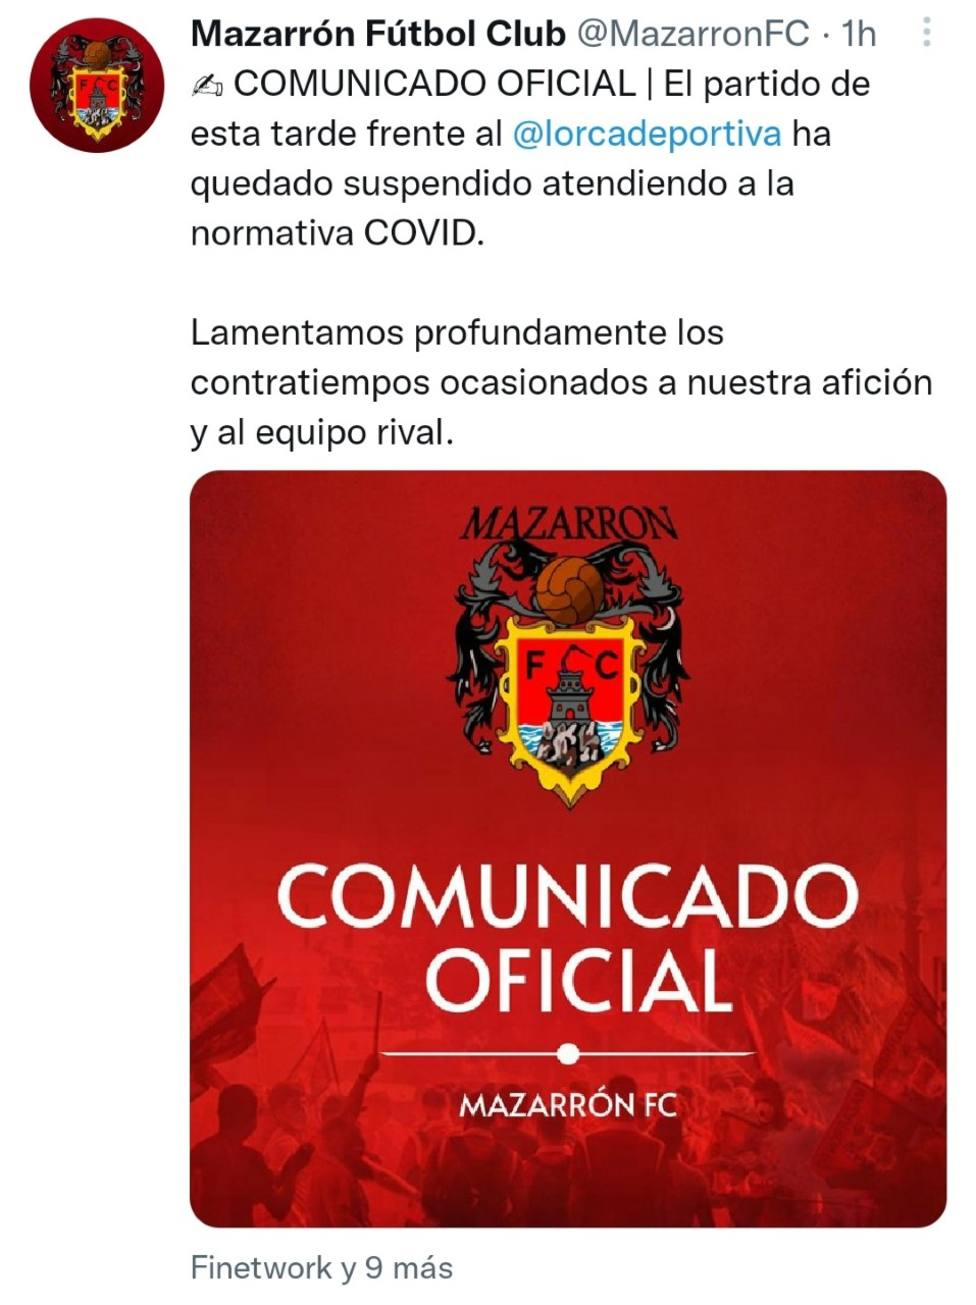 El Mazarrón FC - CF Lorca Deportiva, suspendido por COVID19